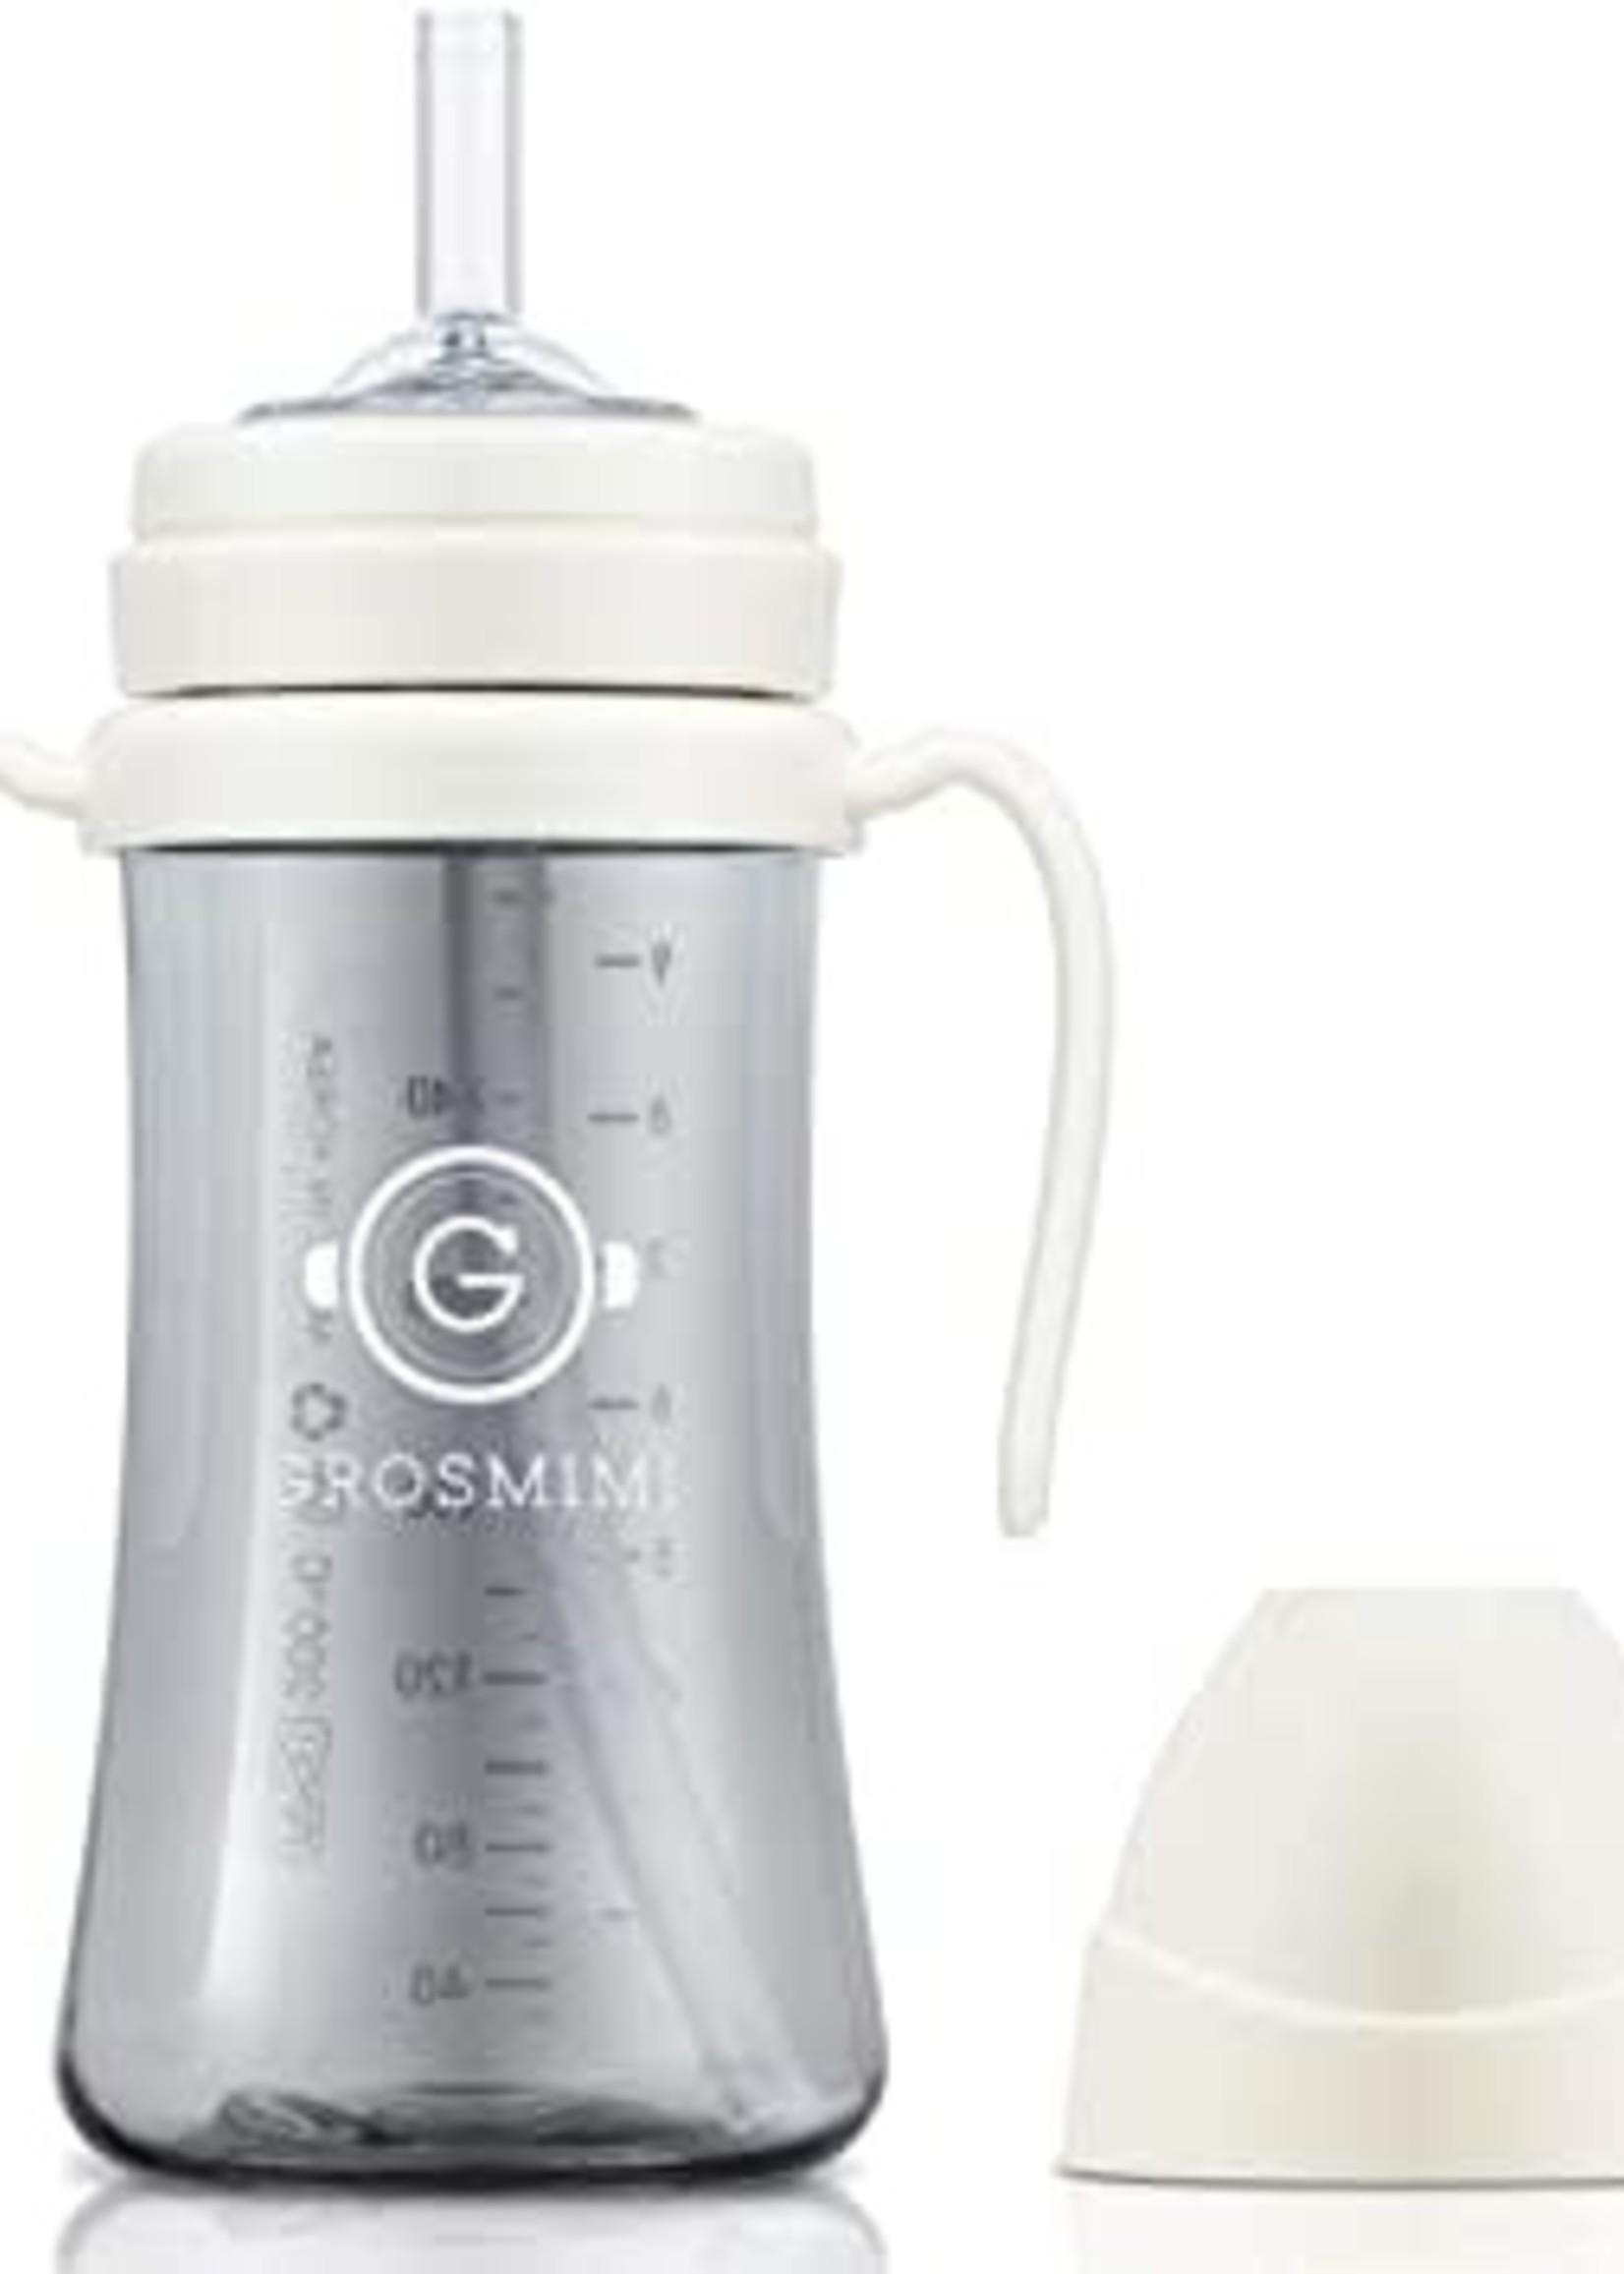 Grosmimi Grosmimi 300ml Straw Cup (White)